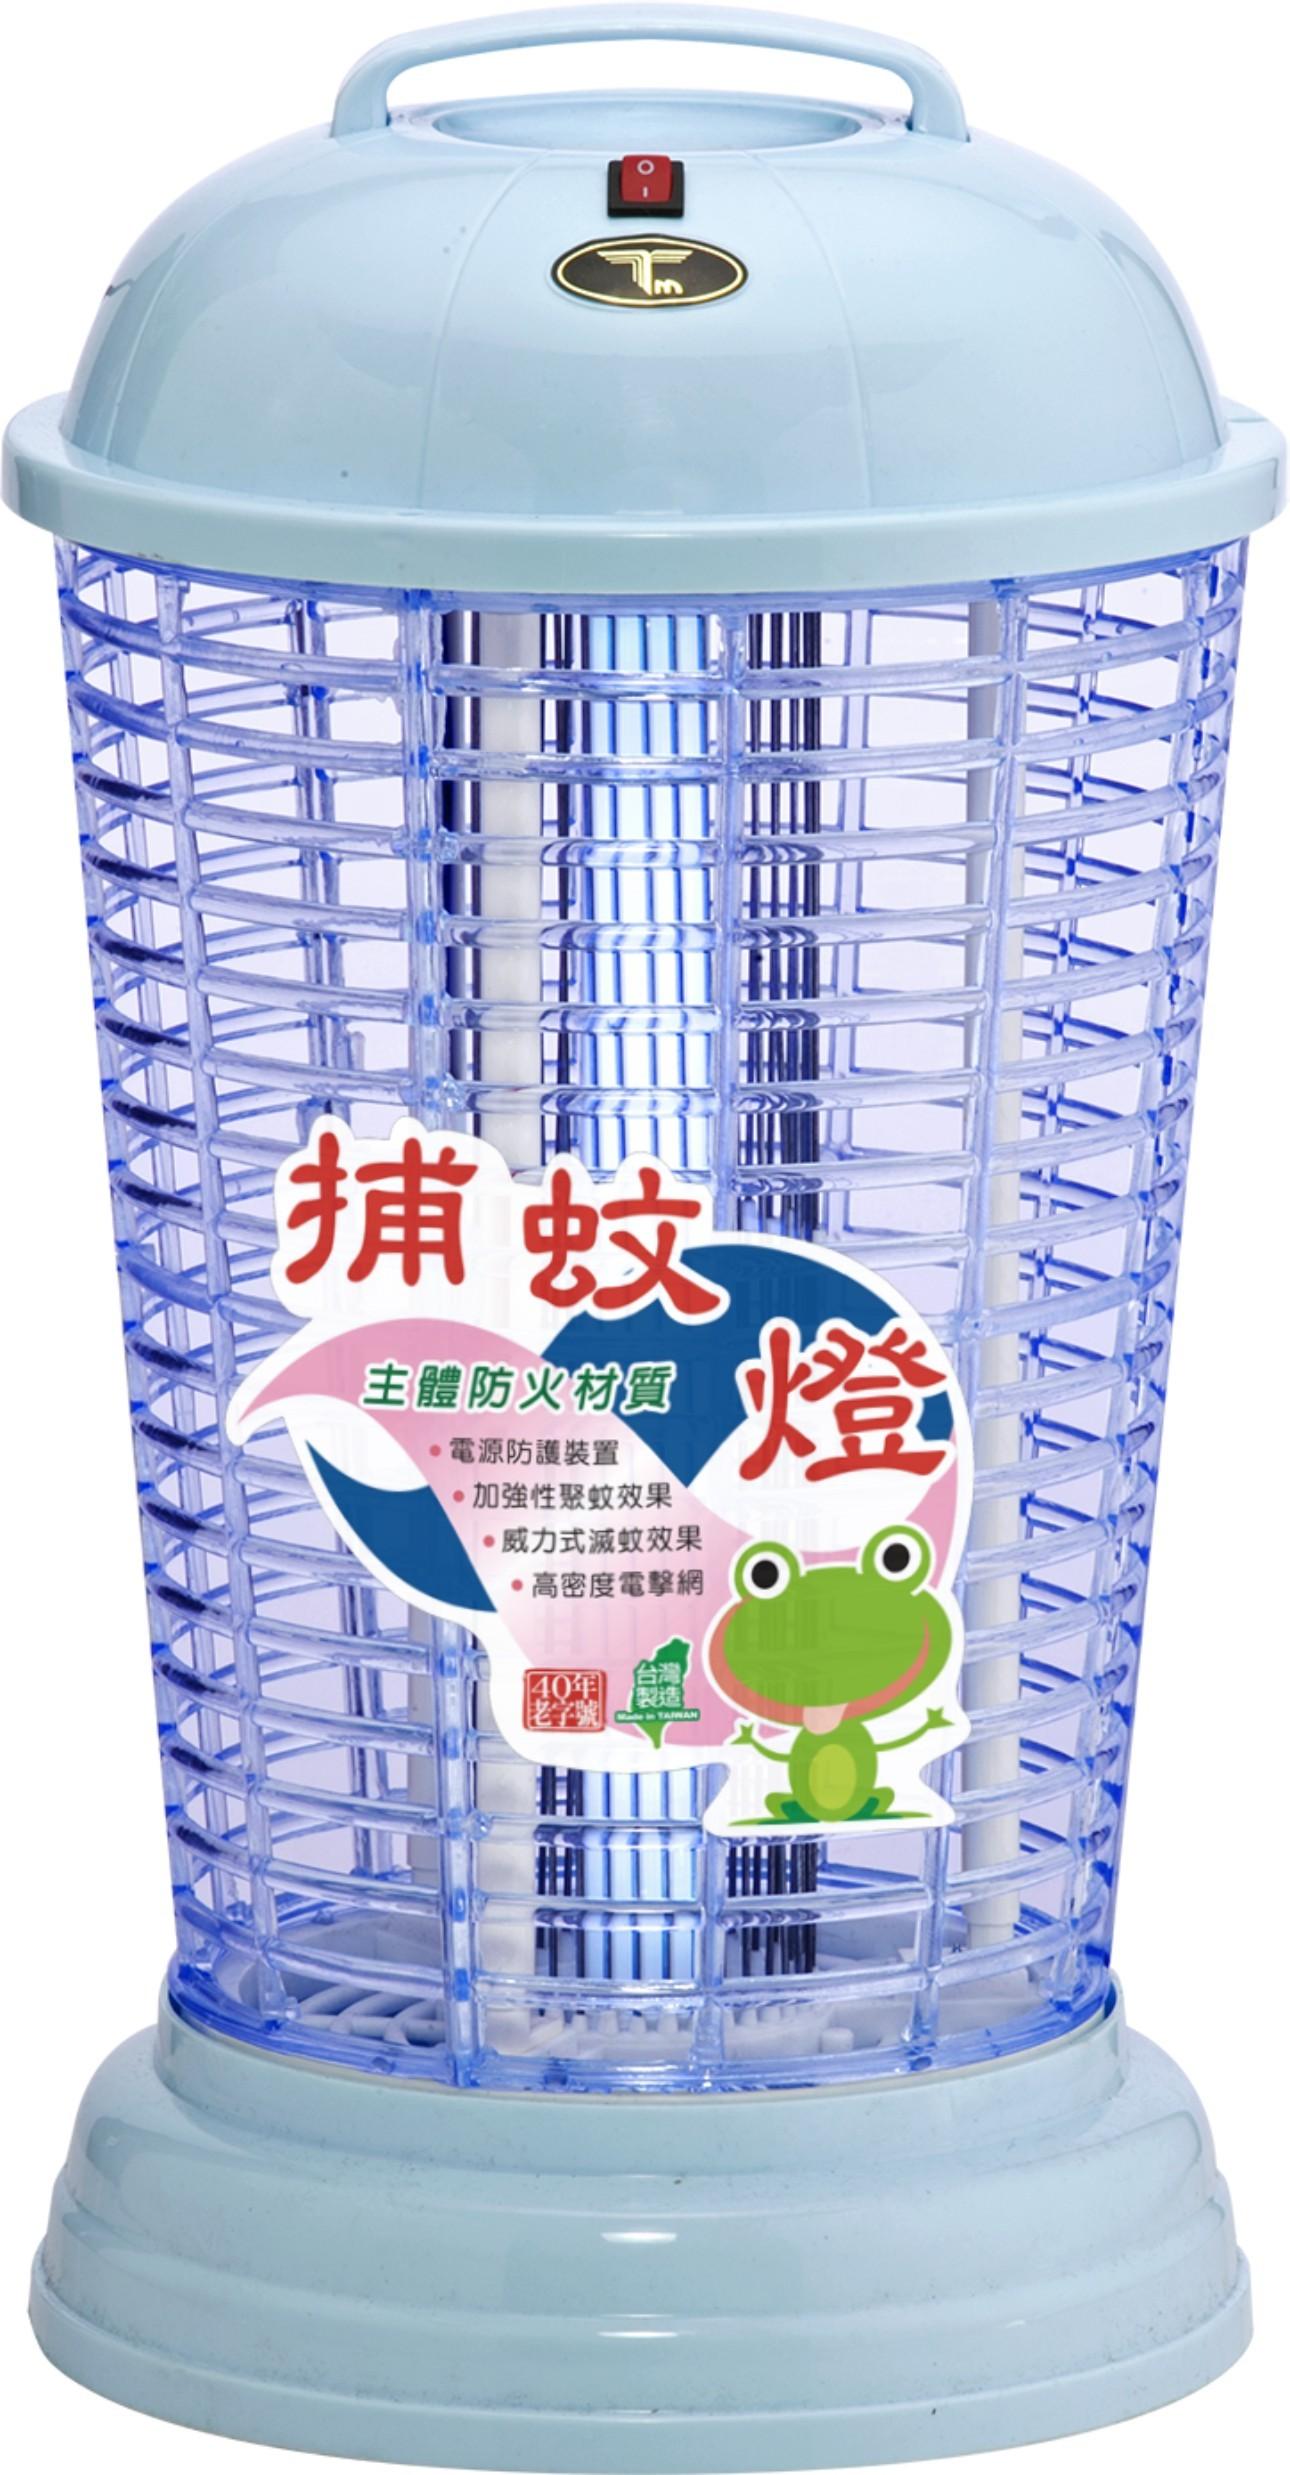 東銘 10W電子式捕蚊燈 TM-0102